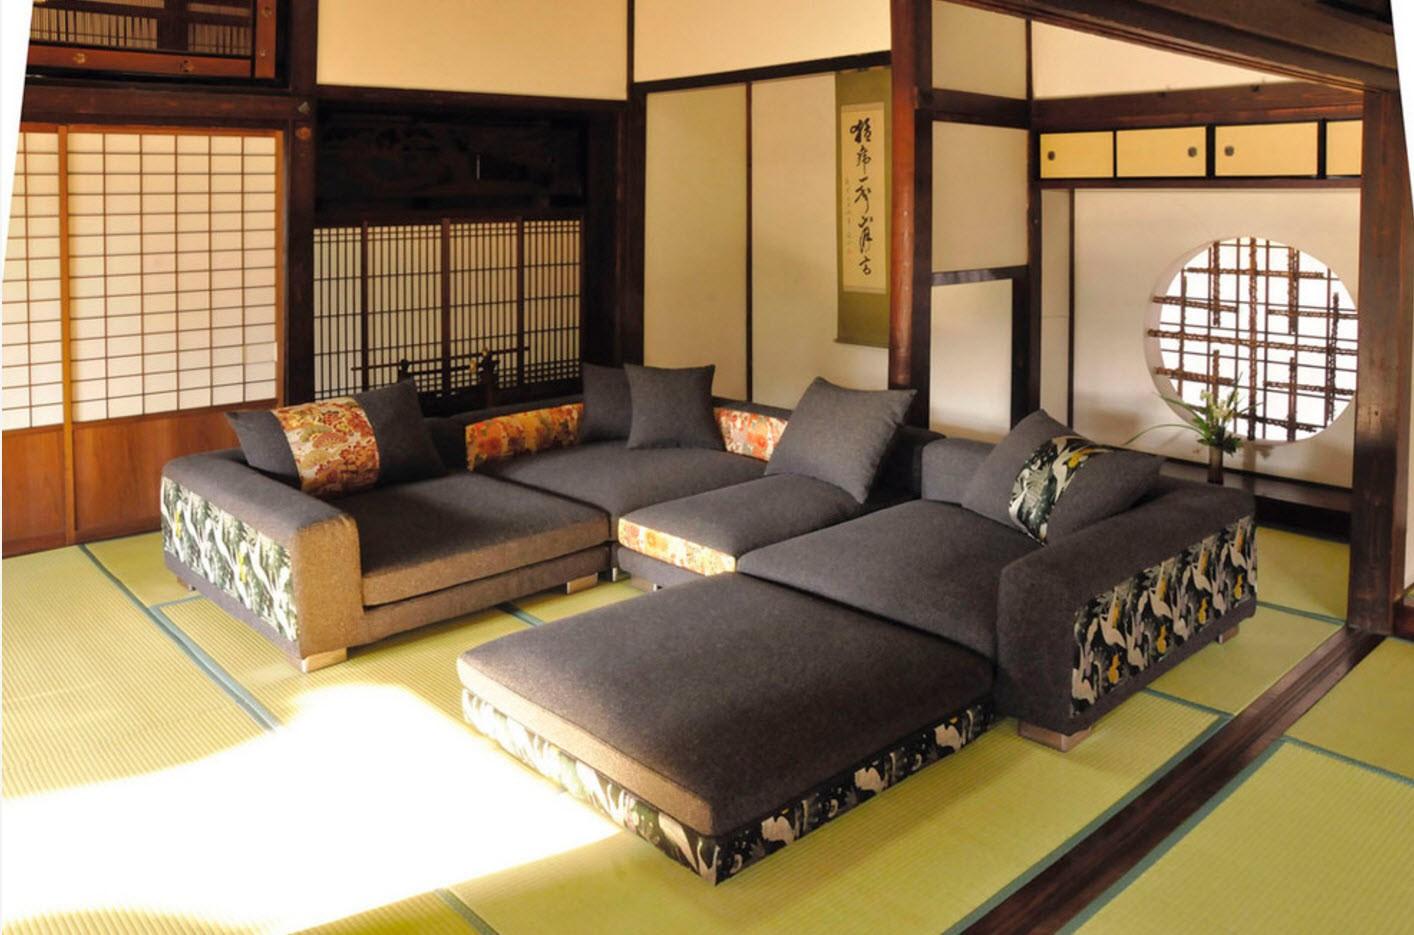 квартира в японском стиле фото декора